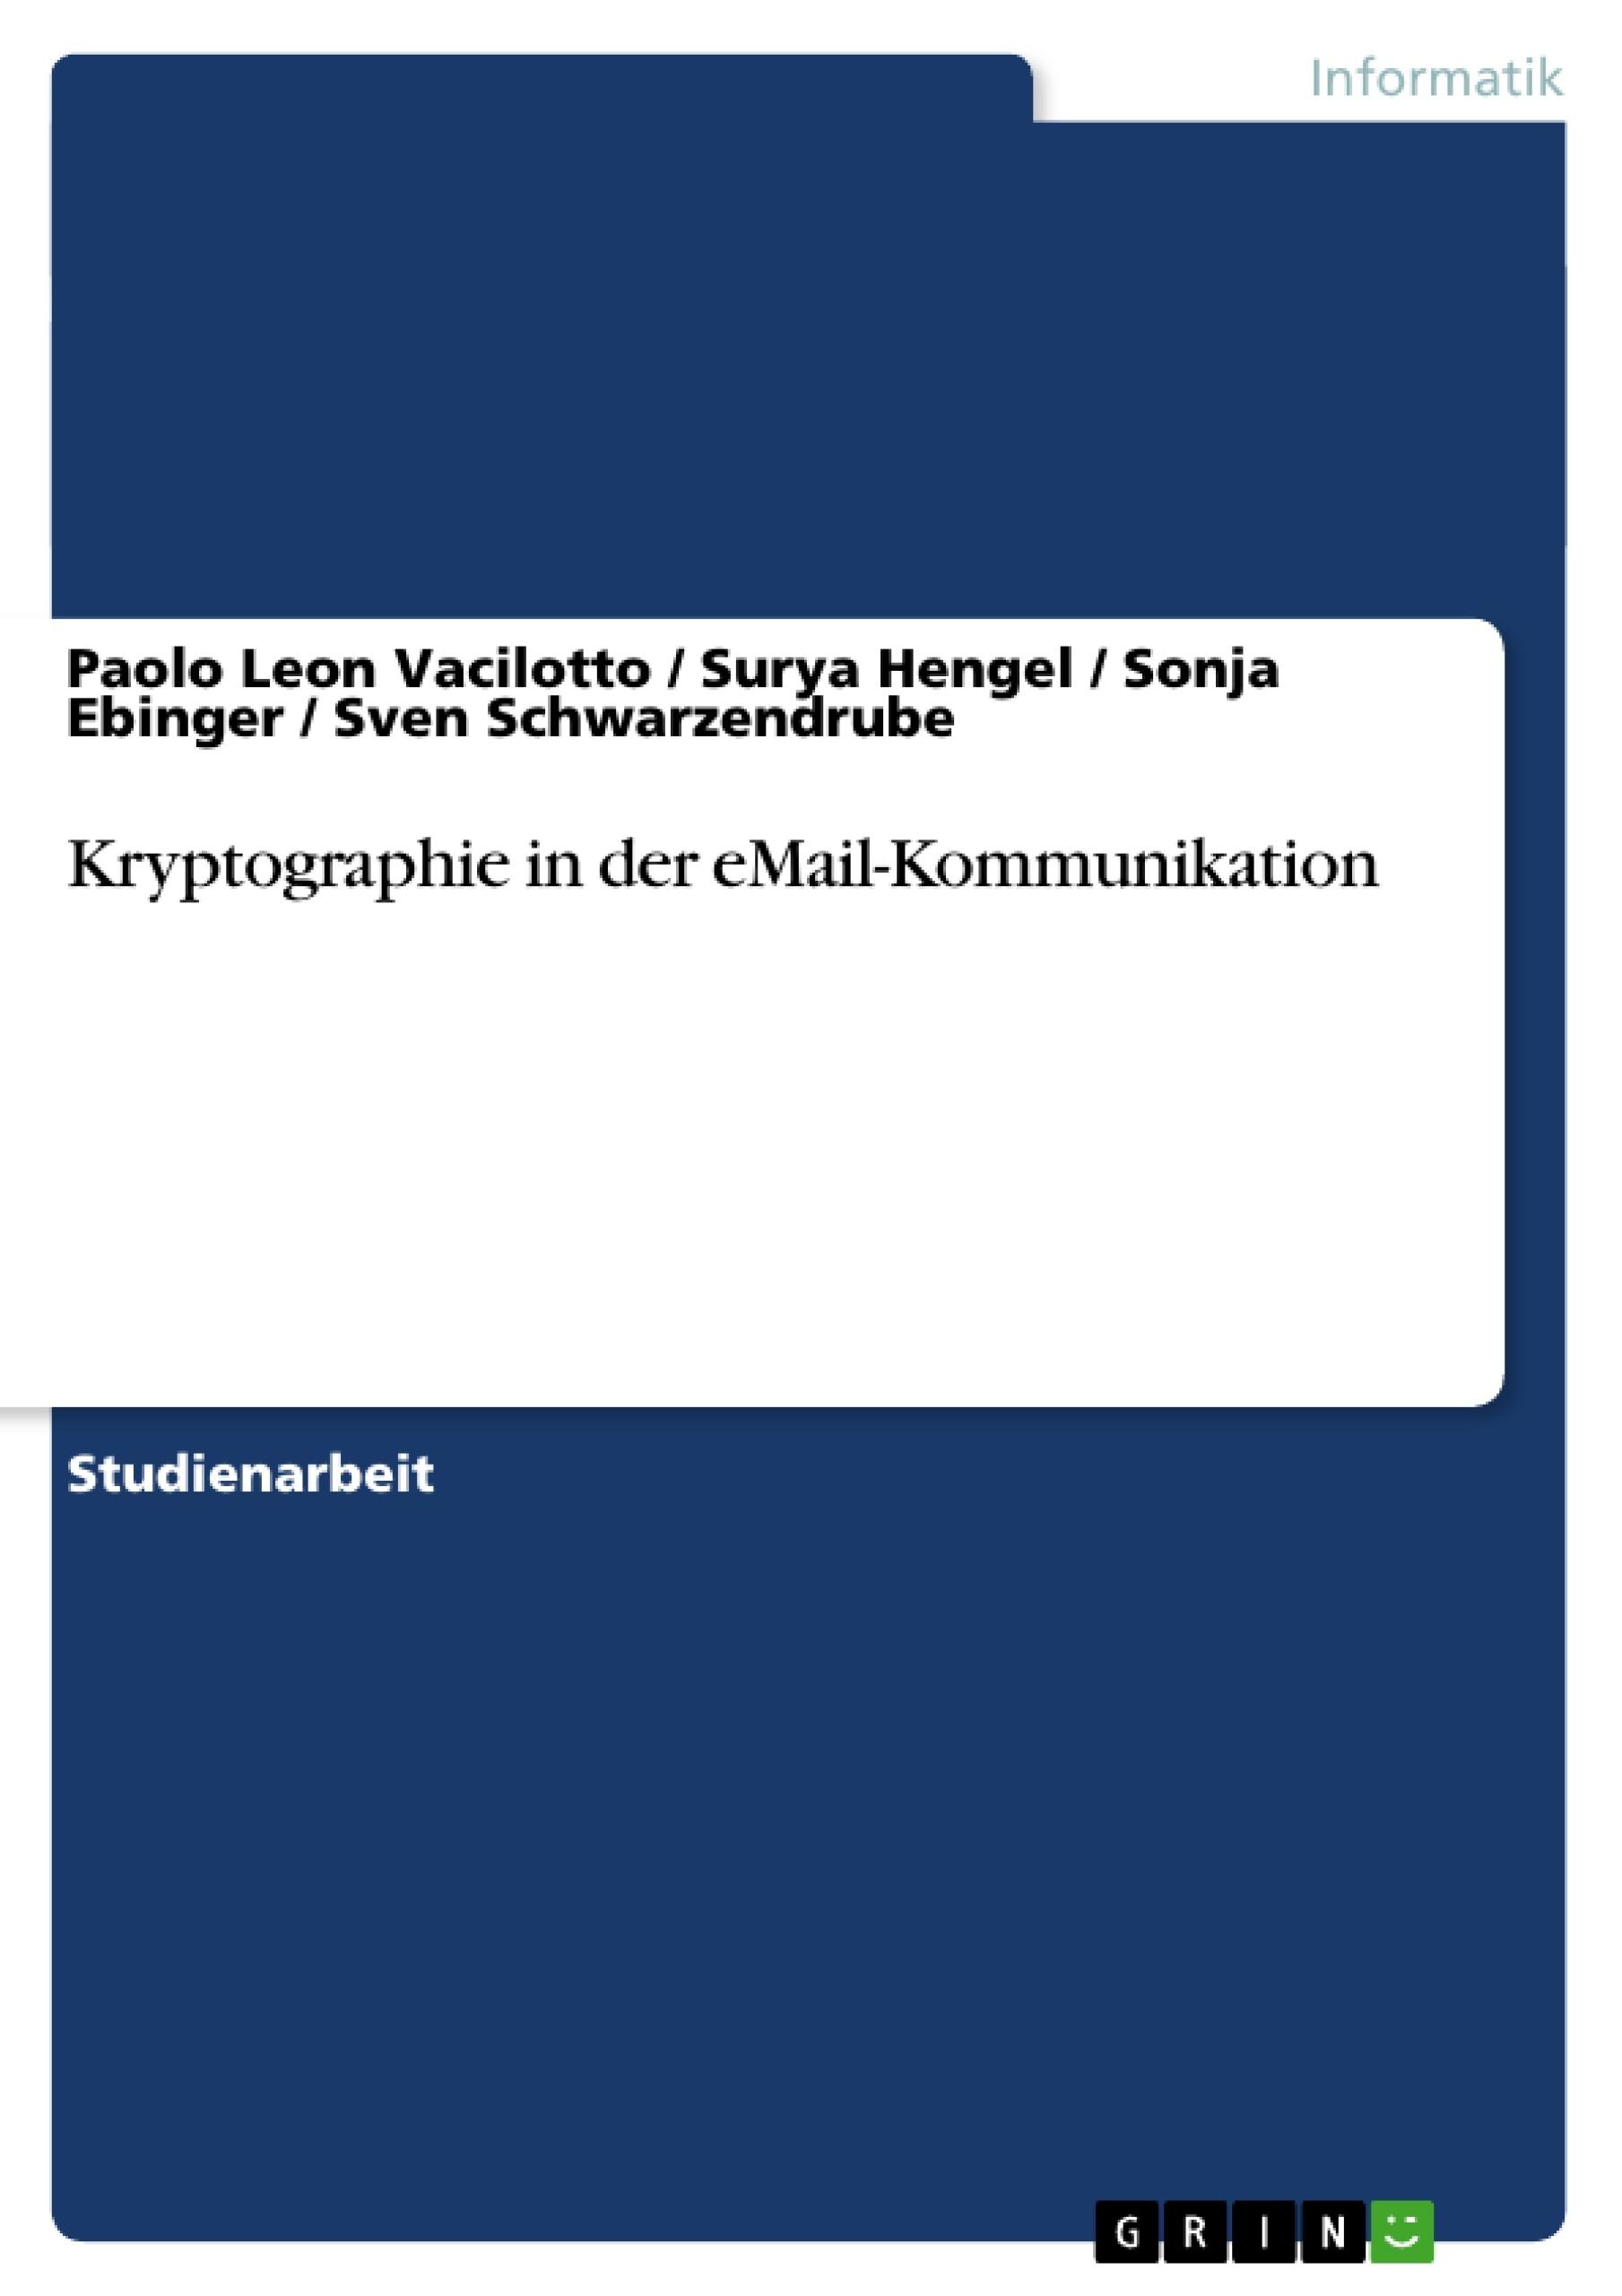 Titel: Kryptographie in der eMail-Kommunikation